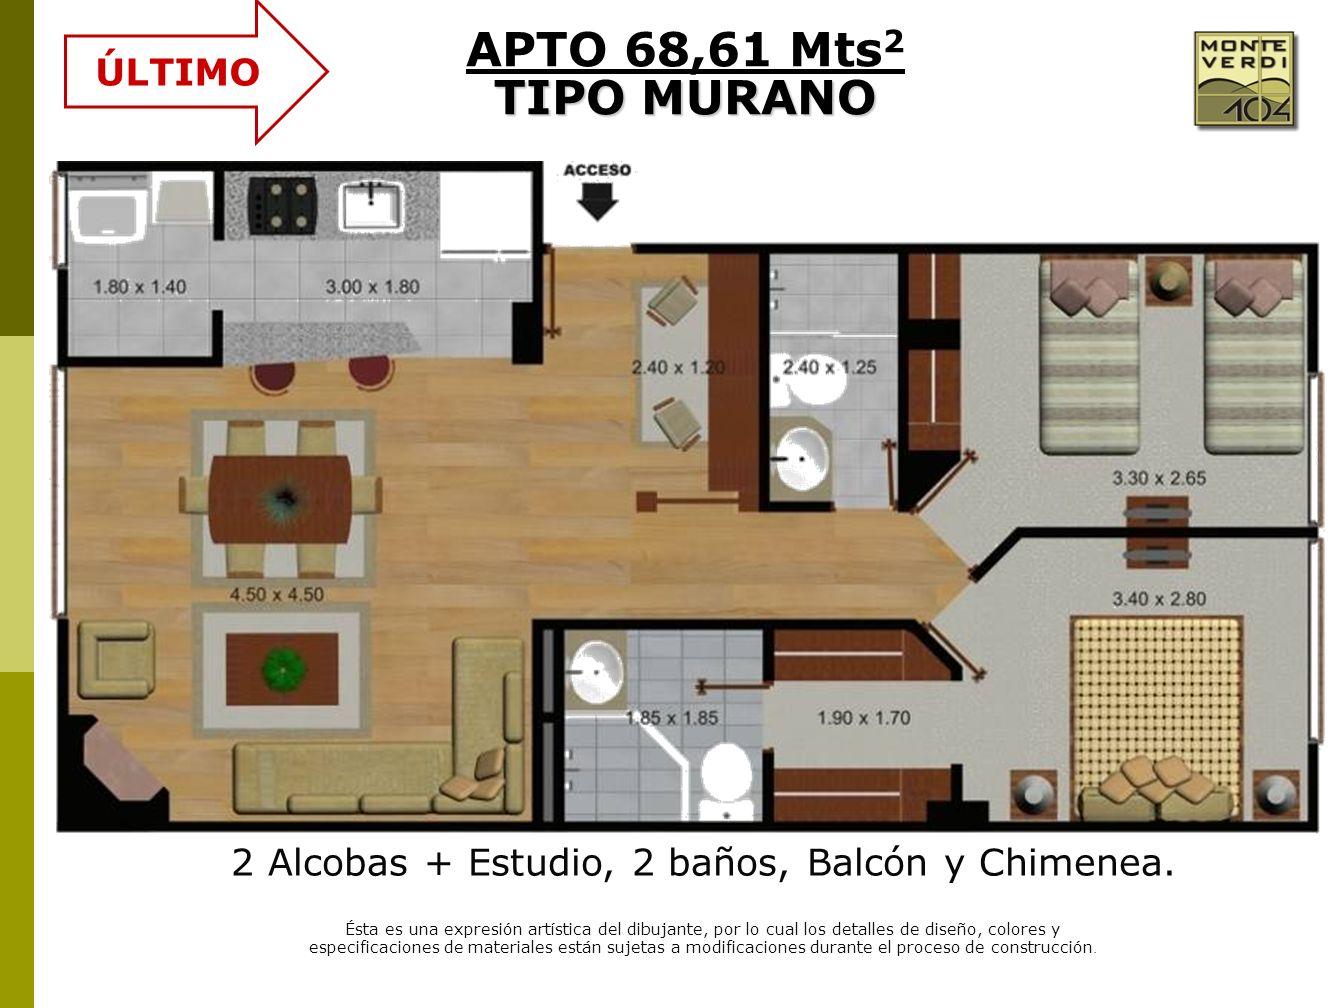 2 Alcobas + Estudio, 2 baños, Balcón y Chimenea. Ésta es una expresión artística del dibujante, por lo cual los detalles de diseño, colores y especifi